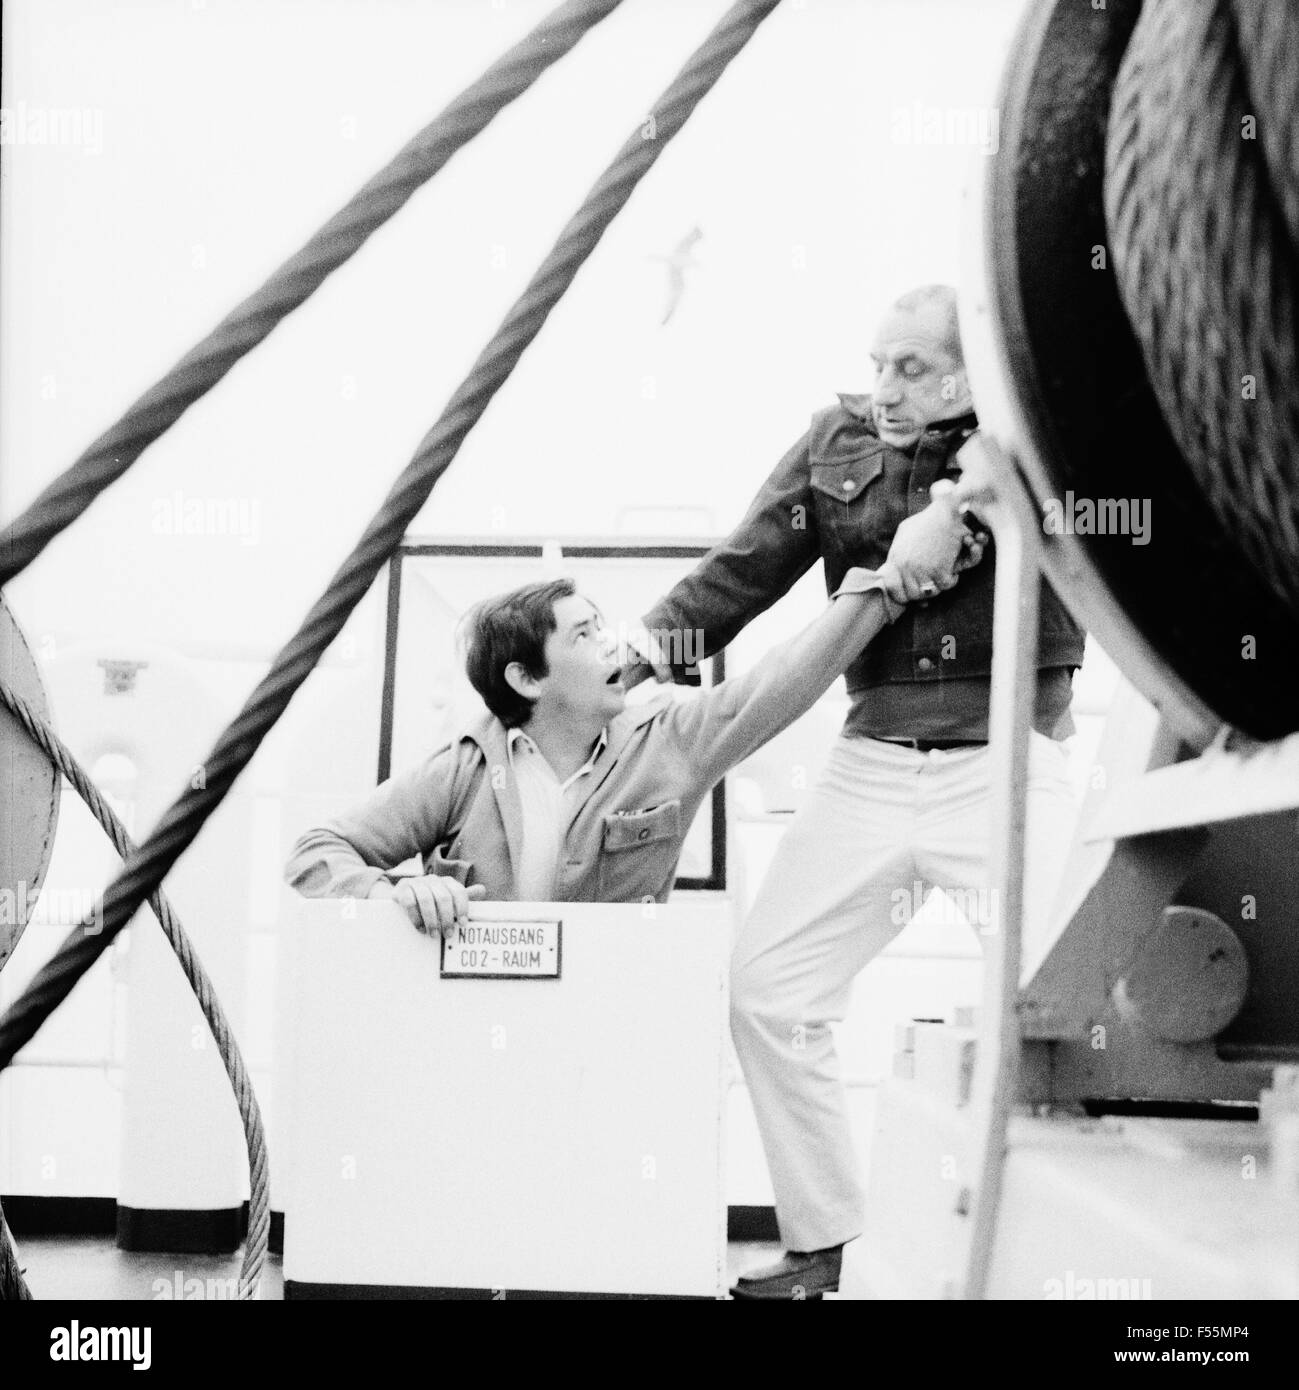 Anker auf und Leinen los!, Fernsehserie, Deutschland 1968, Regie: Hermann Kugelstadt, Szenenfoto Stock Photo